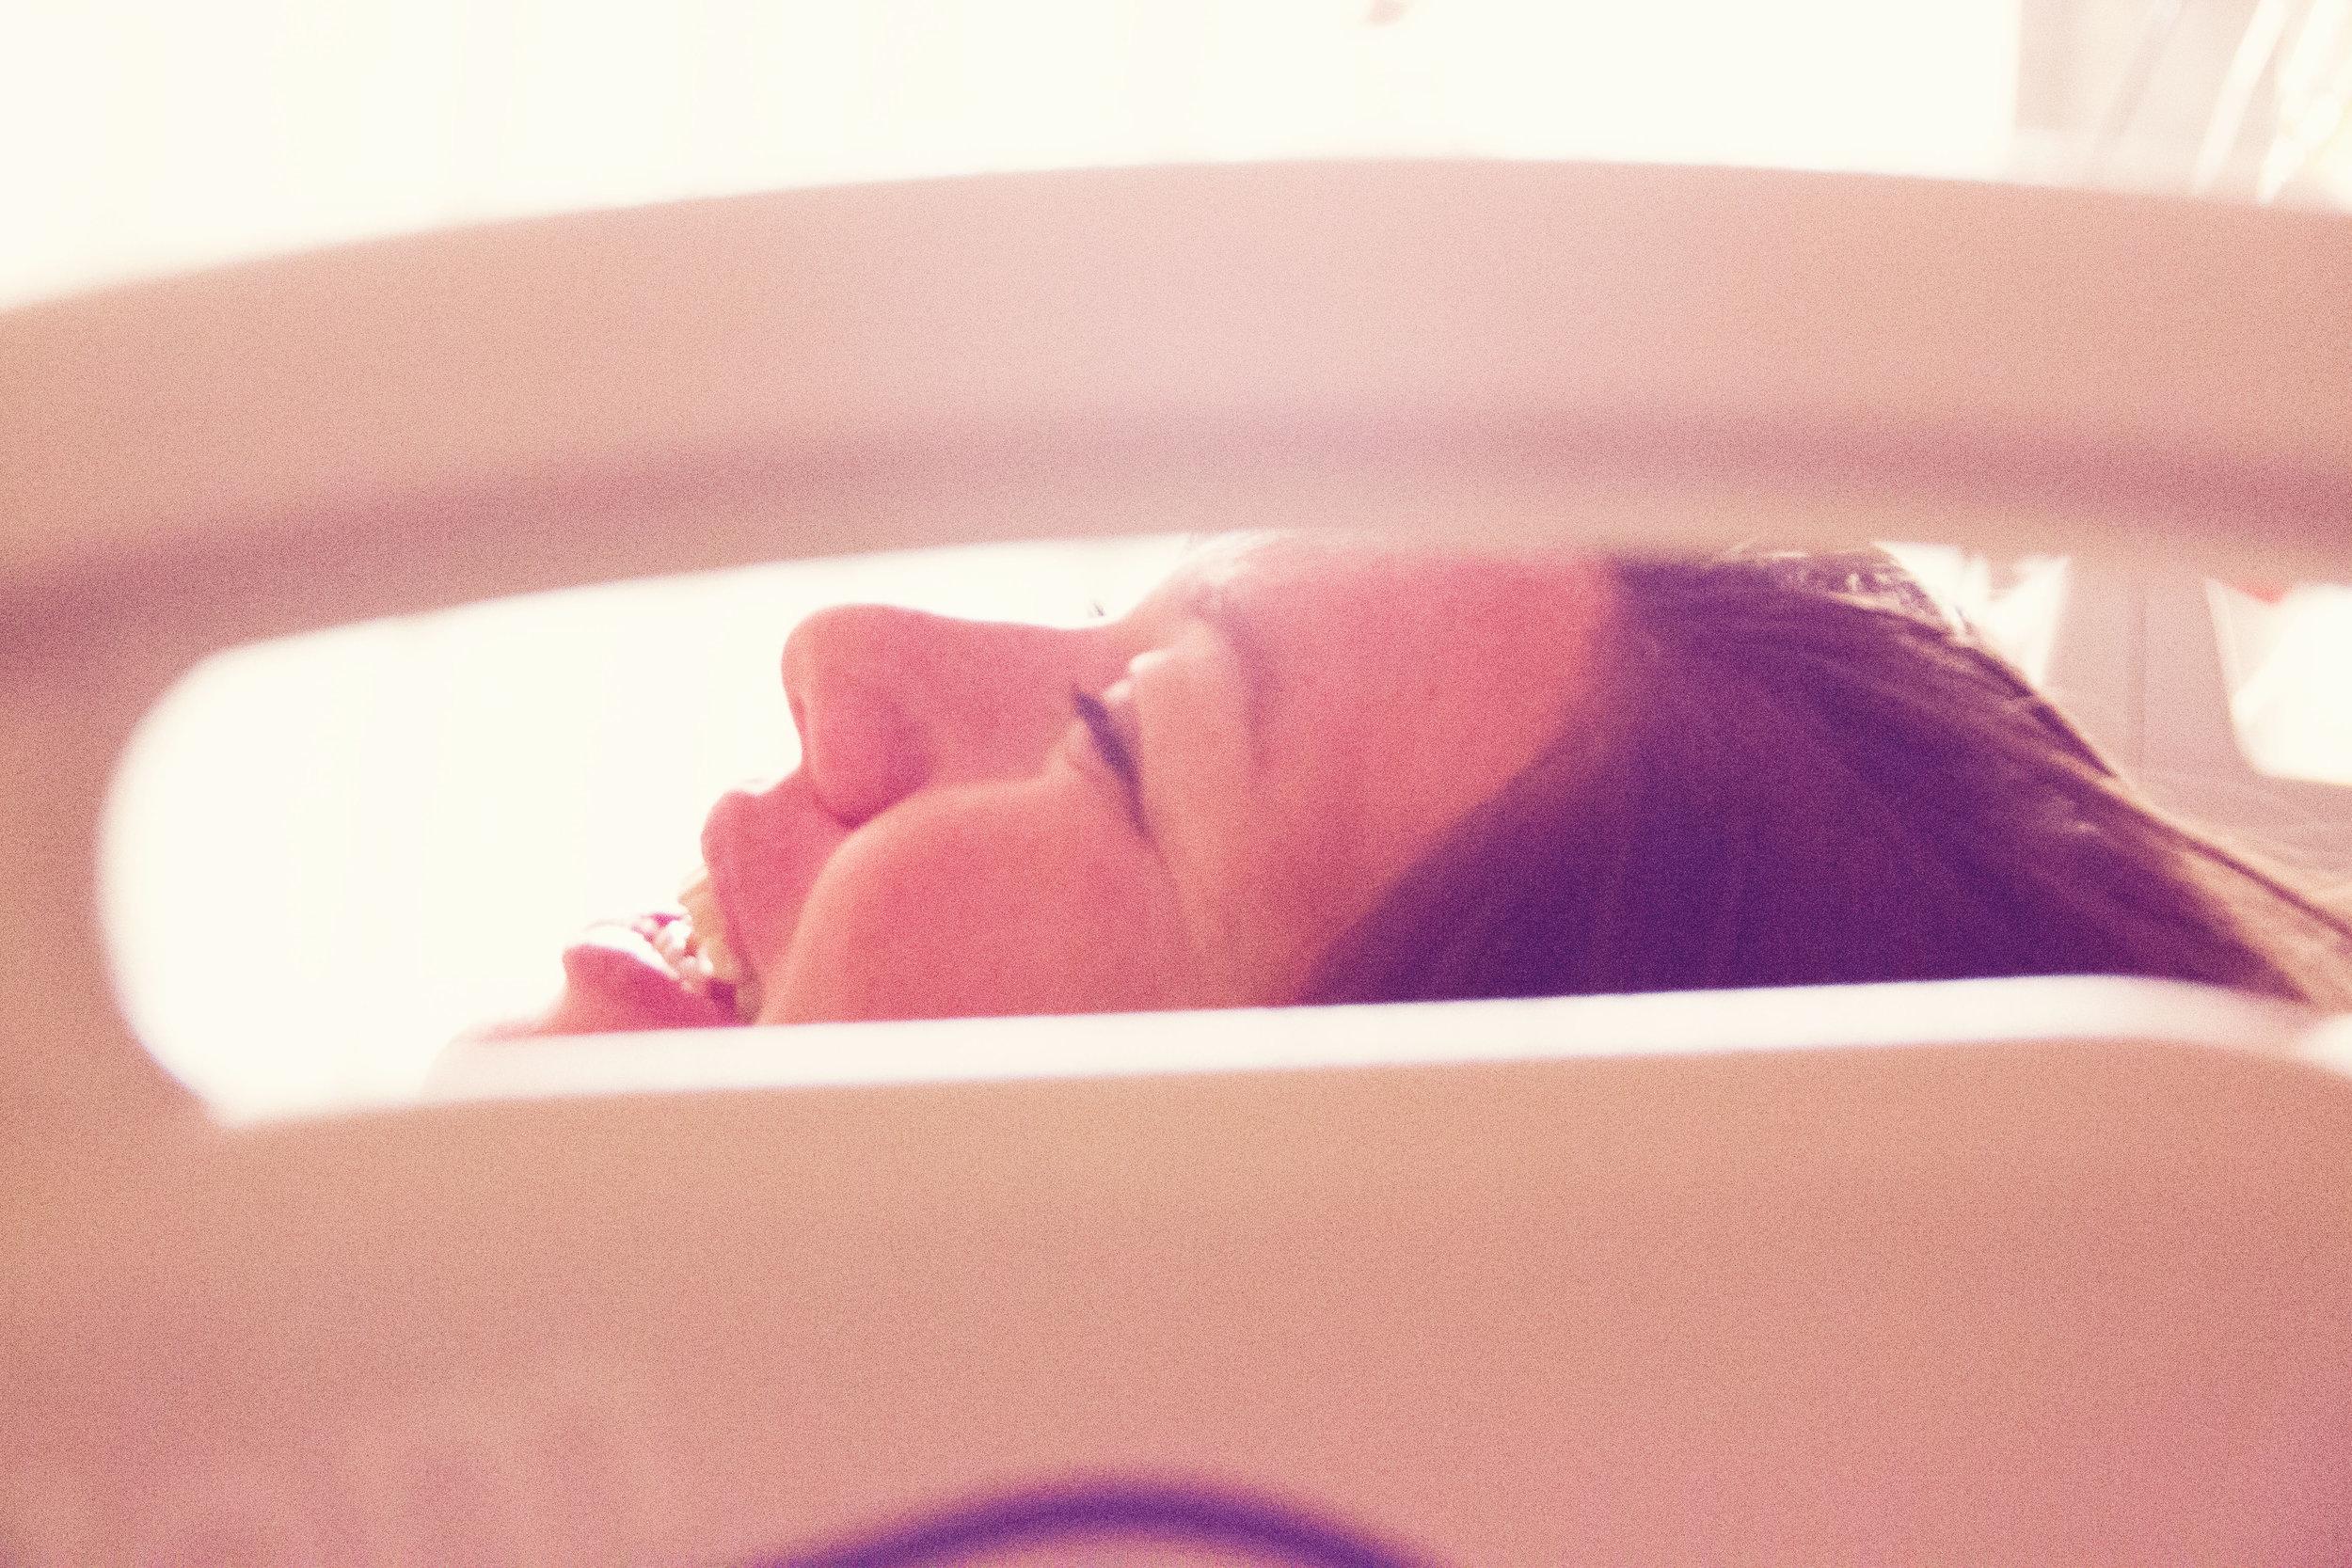 r through bed frame.jpg